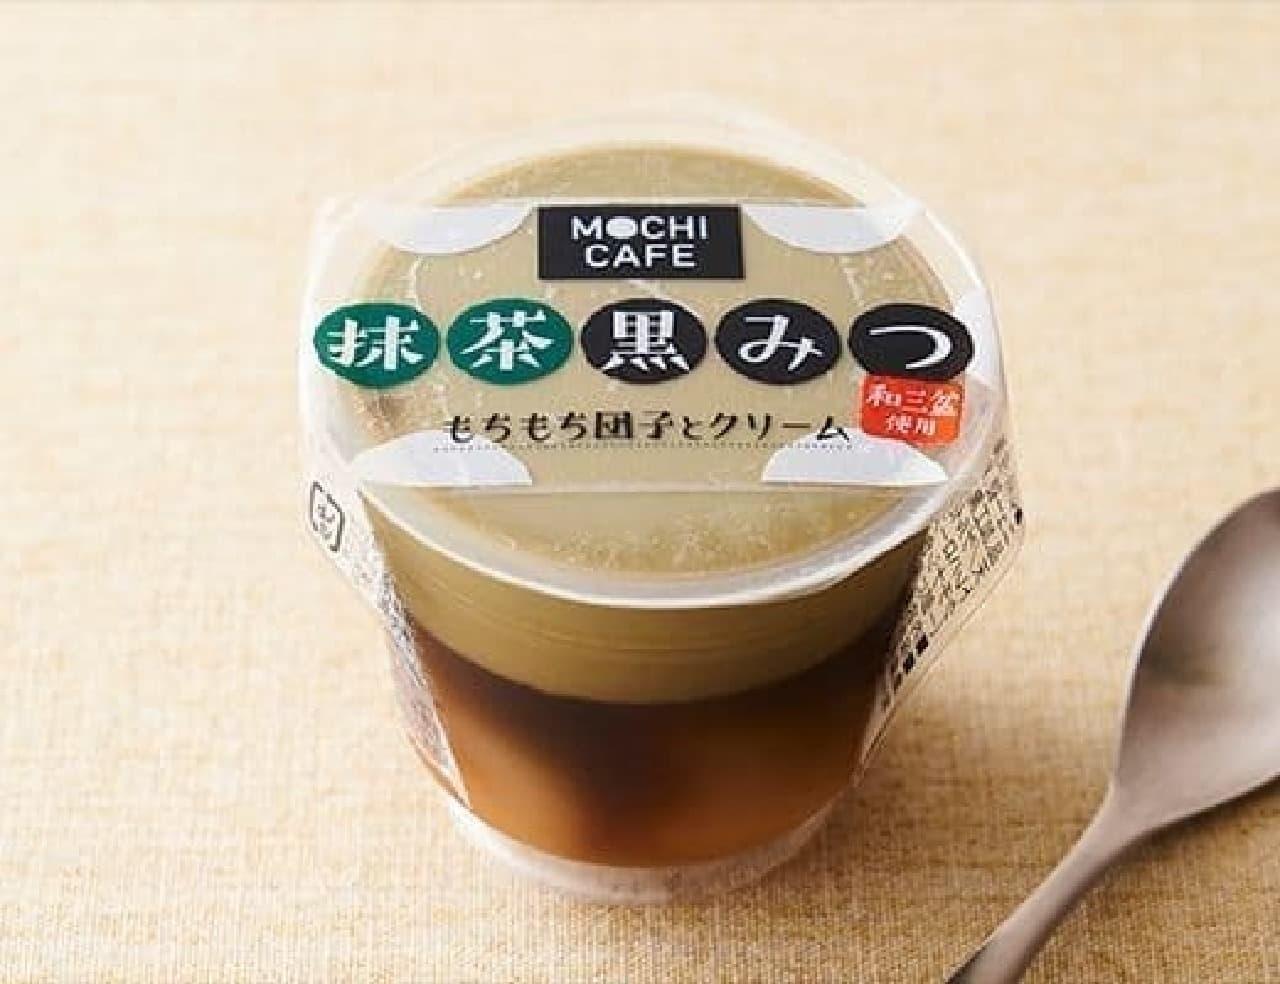 徳島産業 もちカフェ 抹茶黒みつ 120g